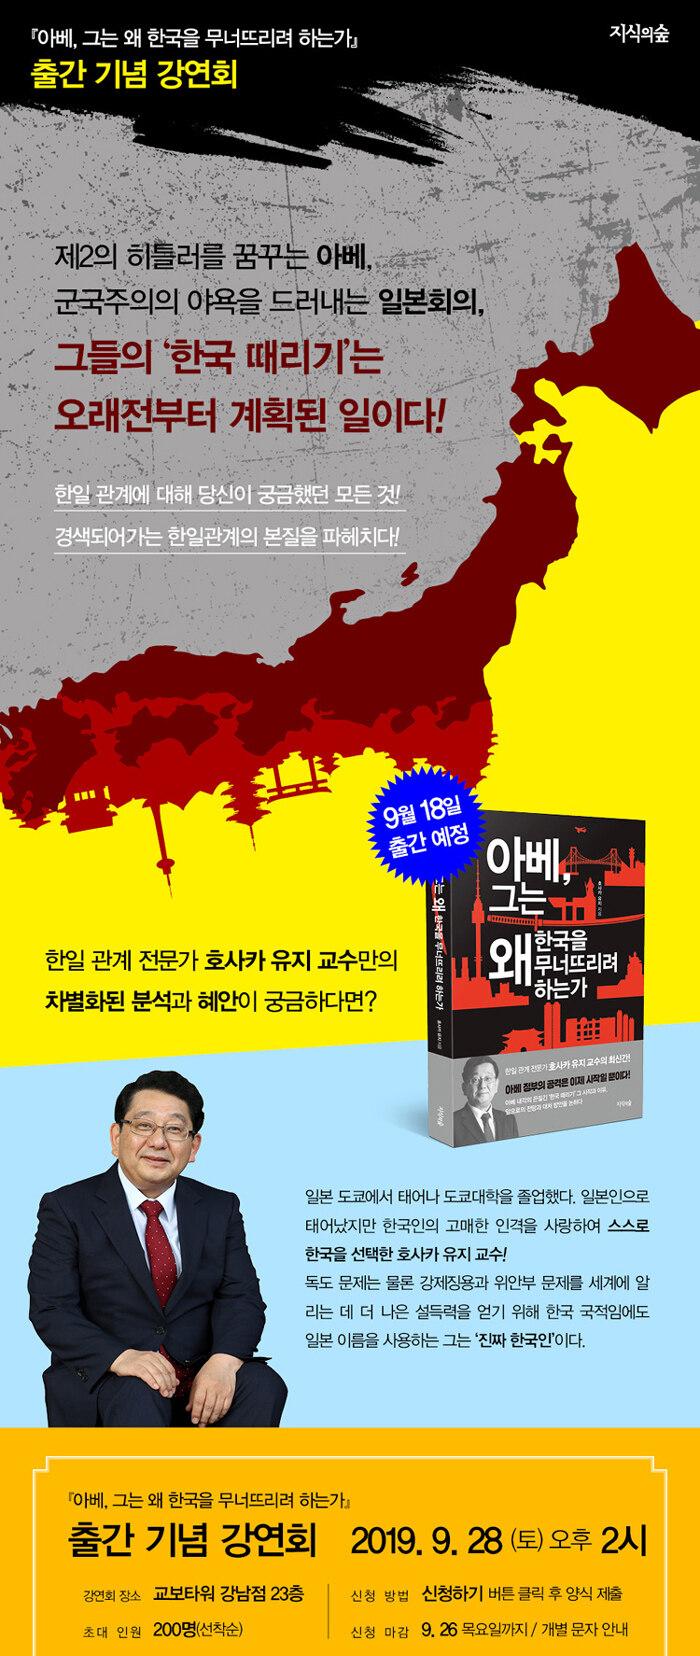 <아베, 그는 왜 한국을 무너뜨리려 하는가> 강연회